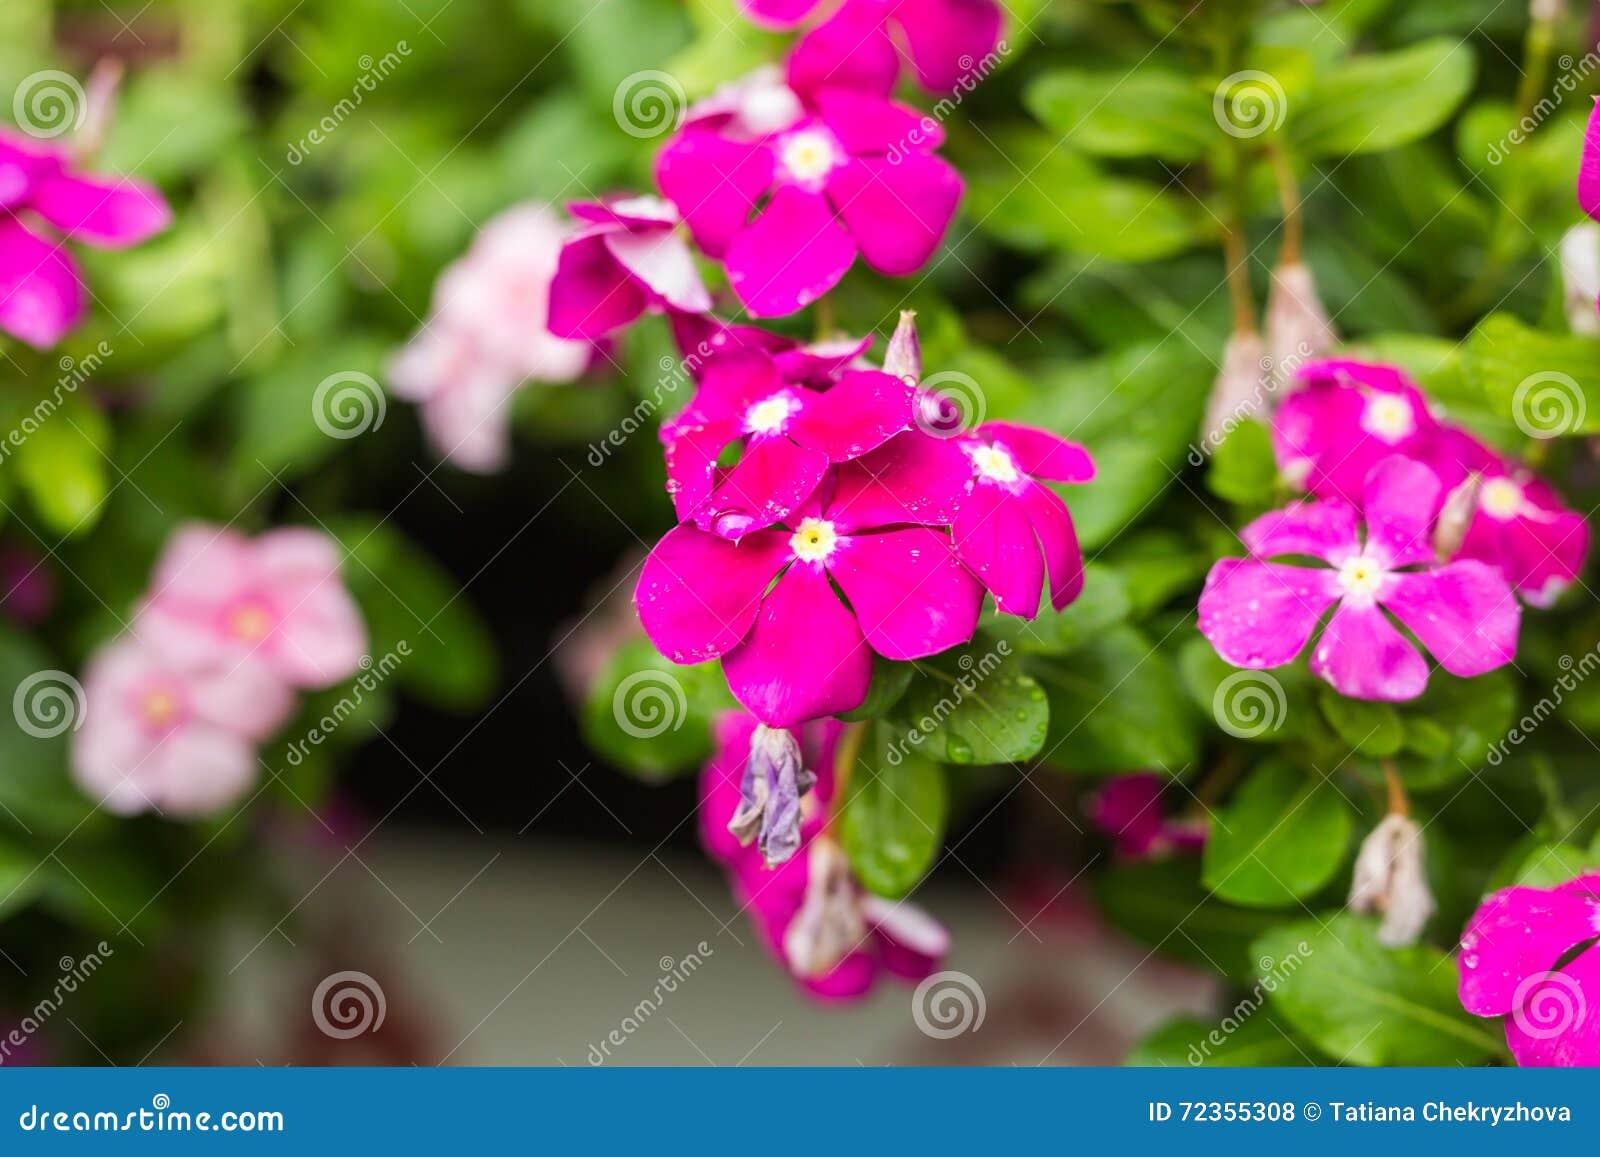 与雨的花在庭院,西部印地安荔枝螺,长春花属roseus,长春蔓花, Bringht眼睛里滴下